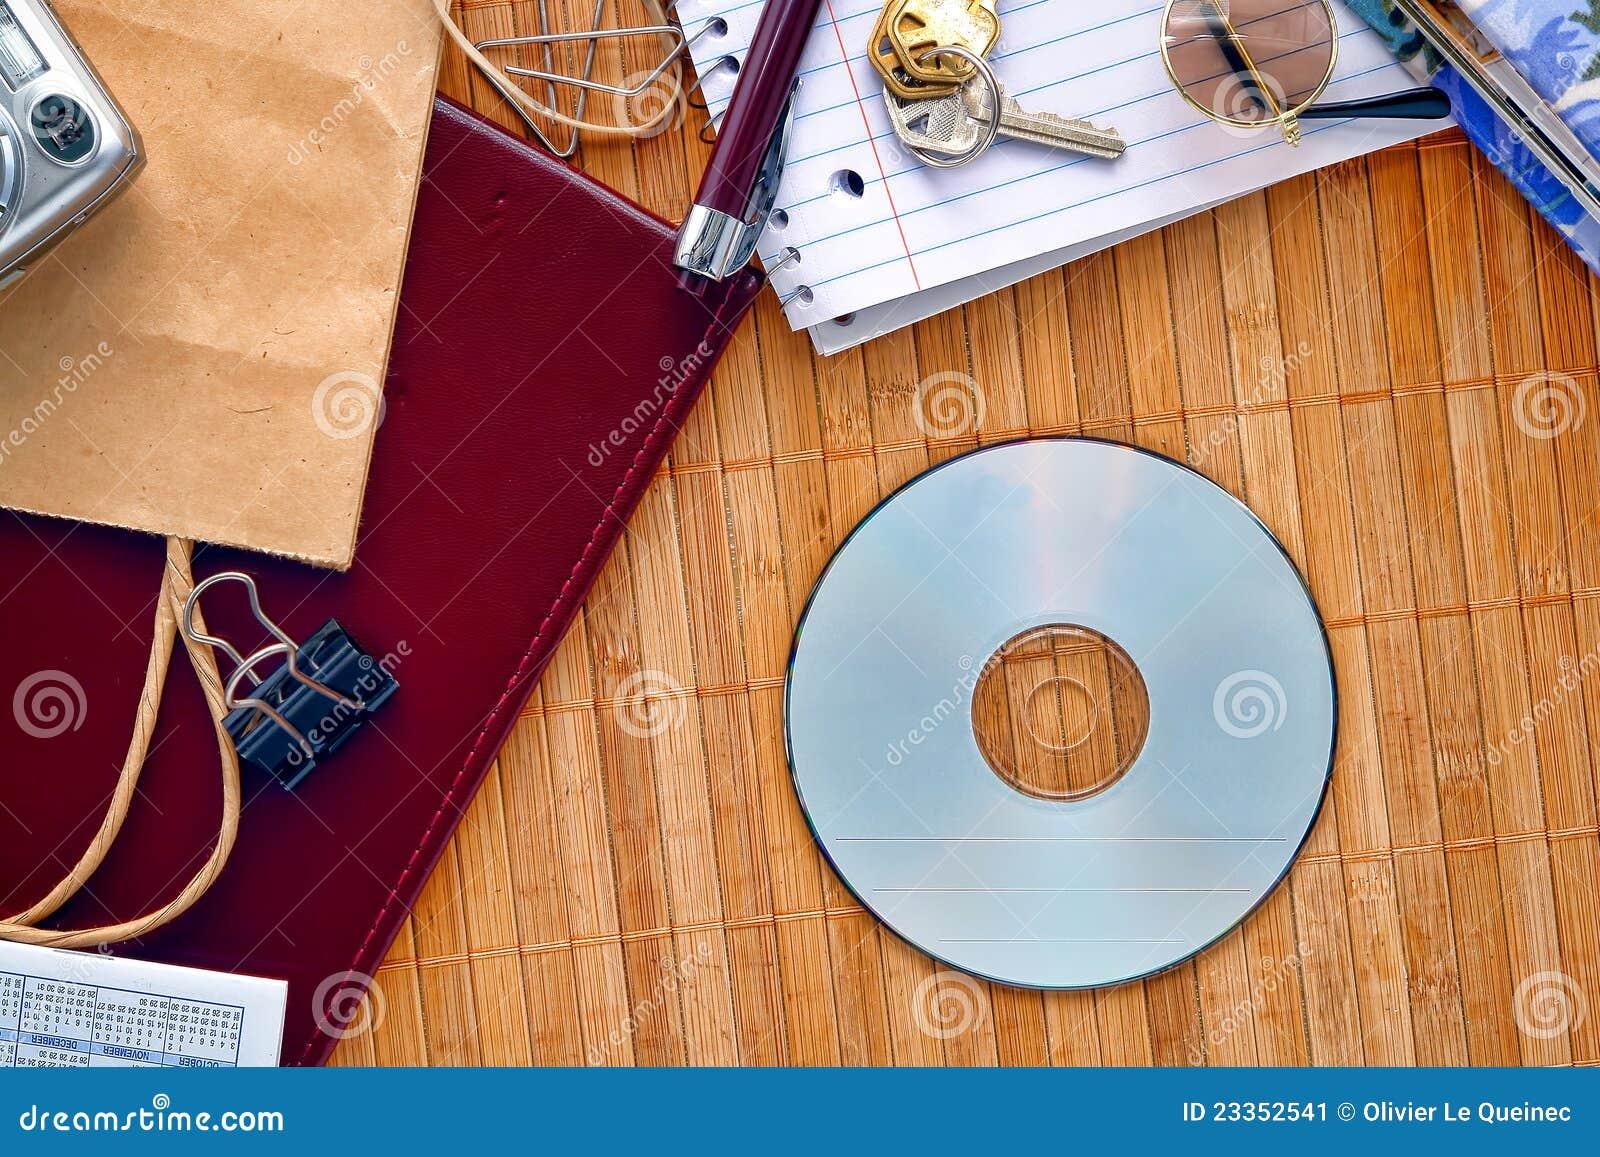 Pustego odbitkowego biurka dyska dvd upaćkana przestrzeń